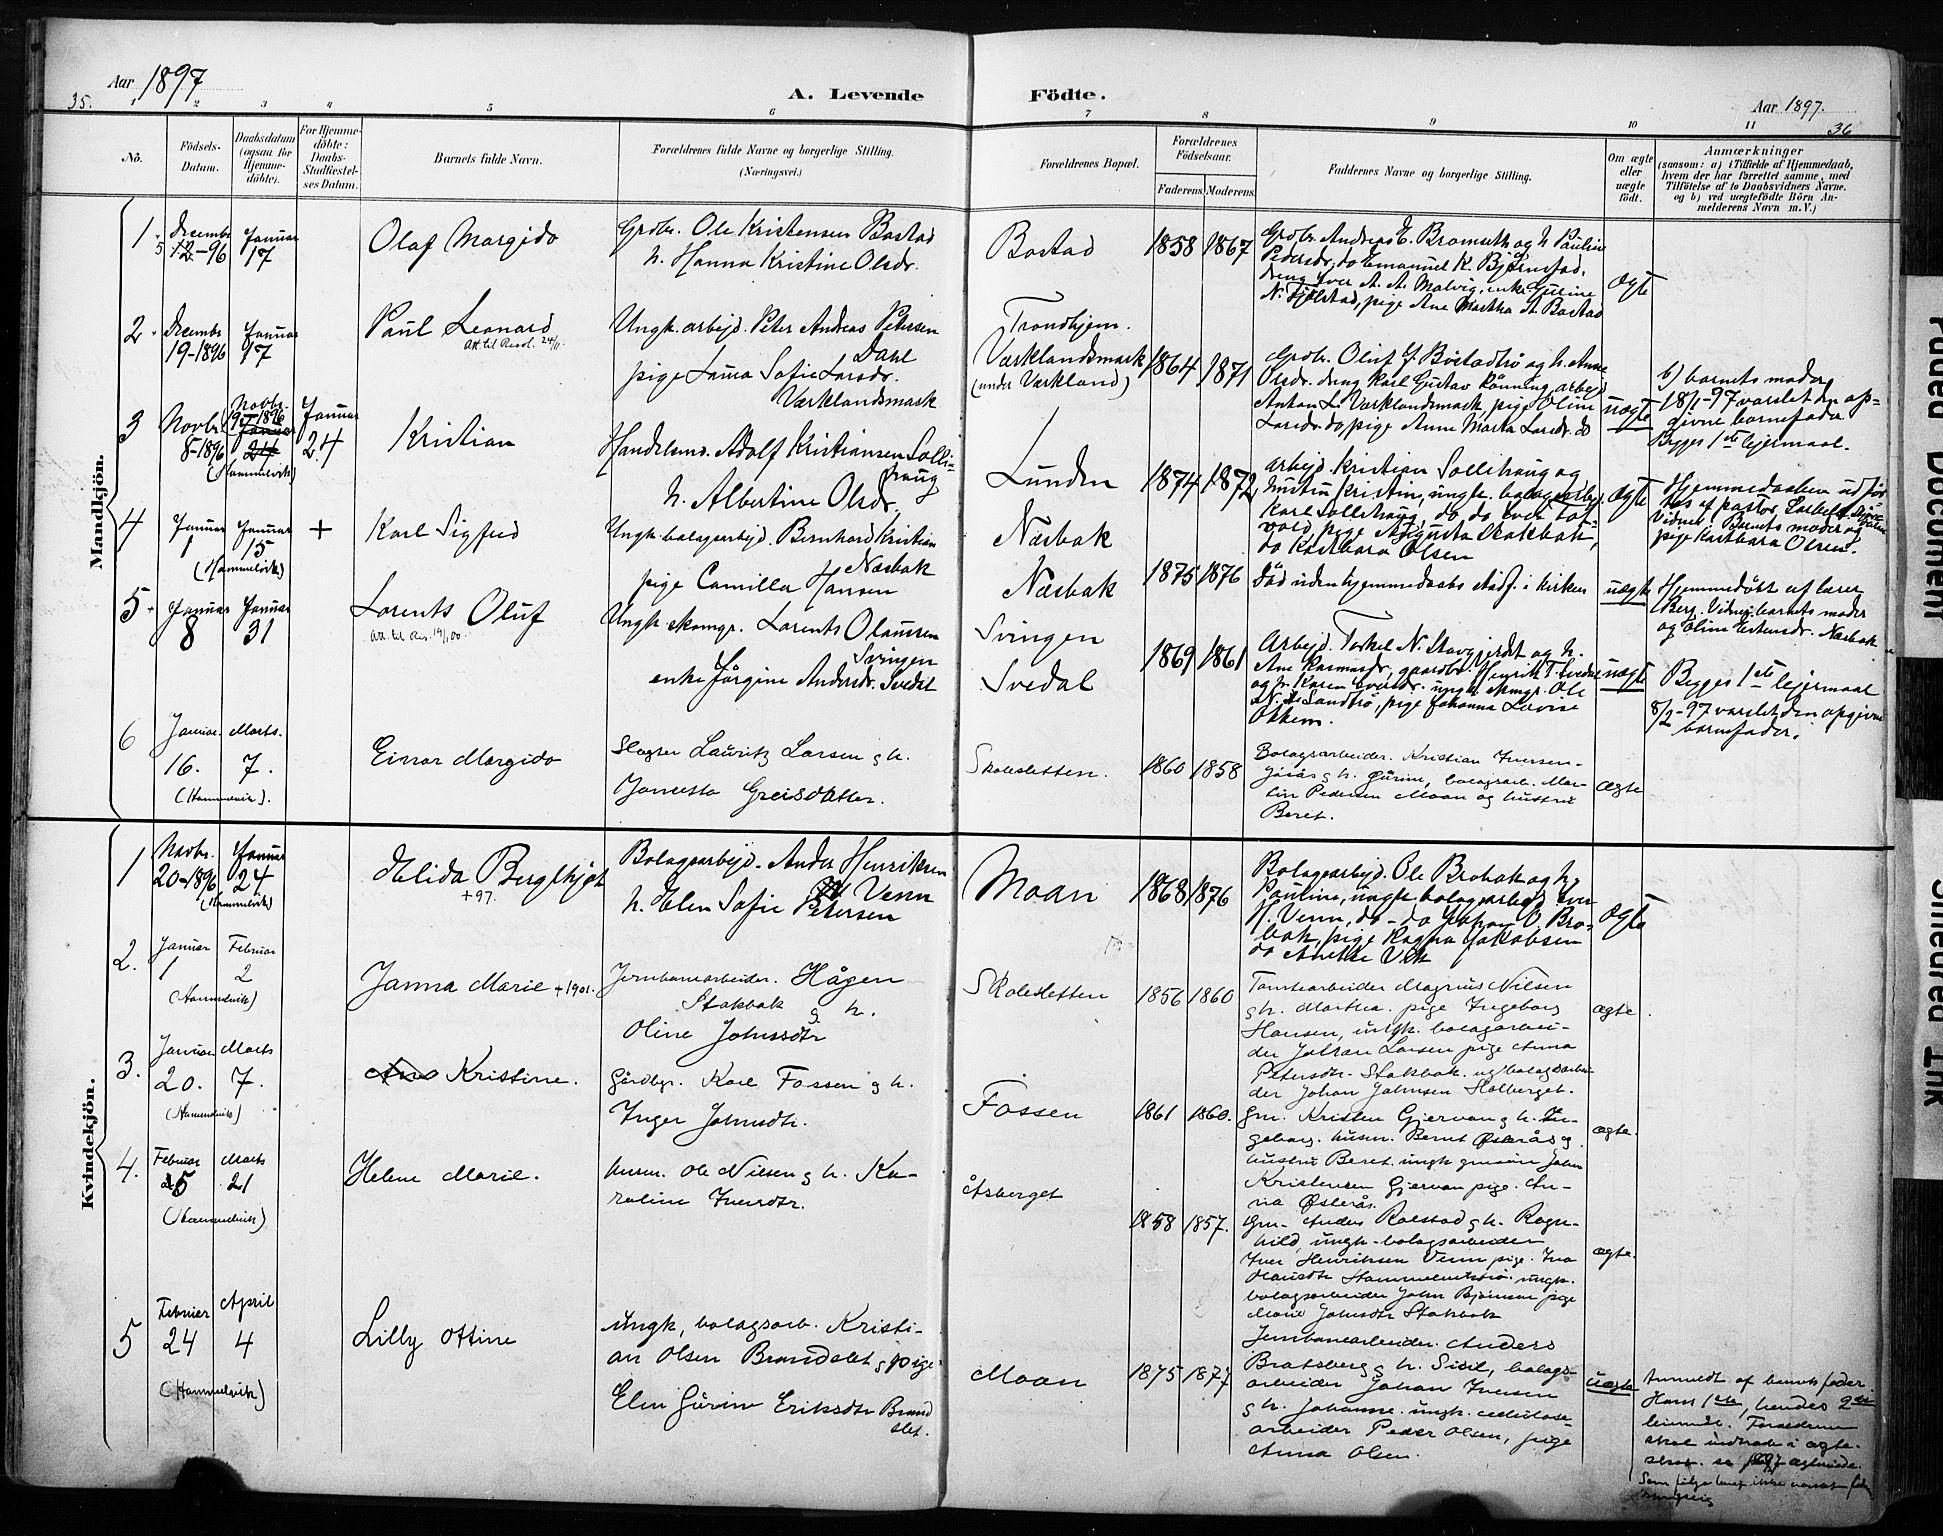 SAT, Ministerialprotokoller, klokkerbøker og fødselsregistre - Sør-Trøndelag, 616/L0411: Ministerialbok nr. 616A08, 1894-1906, s. 35-36